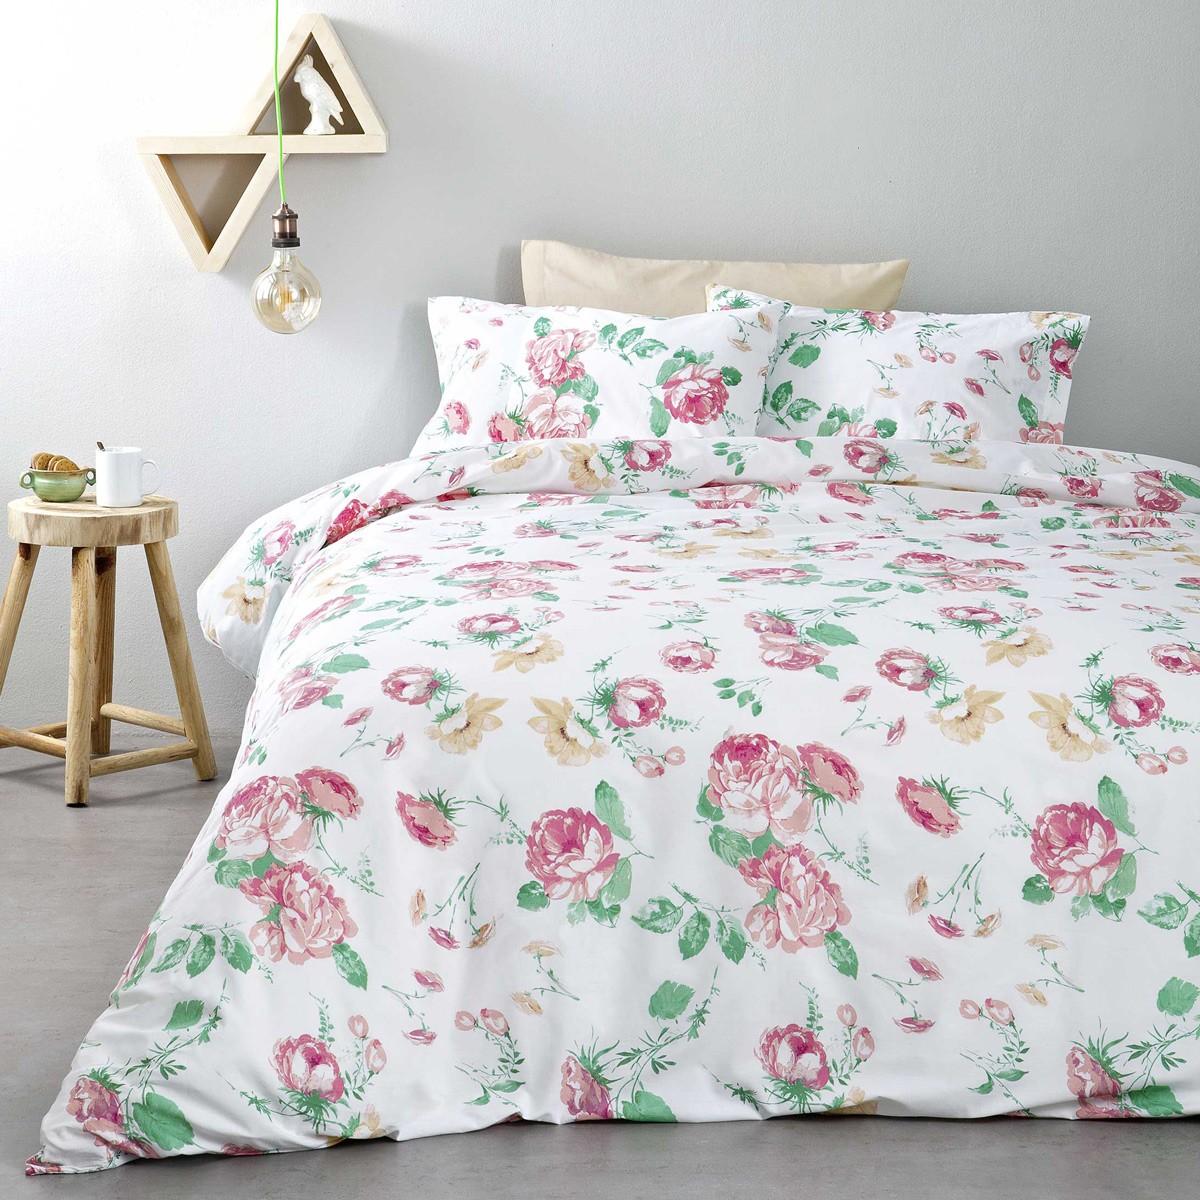 Σεντόνια Υπέρδιπλα (Σετ) Nima Bed Linen Blooming ΜΕ ΛΑΣΤΙΧΟ ΜΕ ΛΑΣΤΙΧΟ